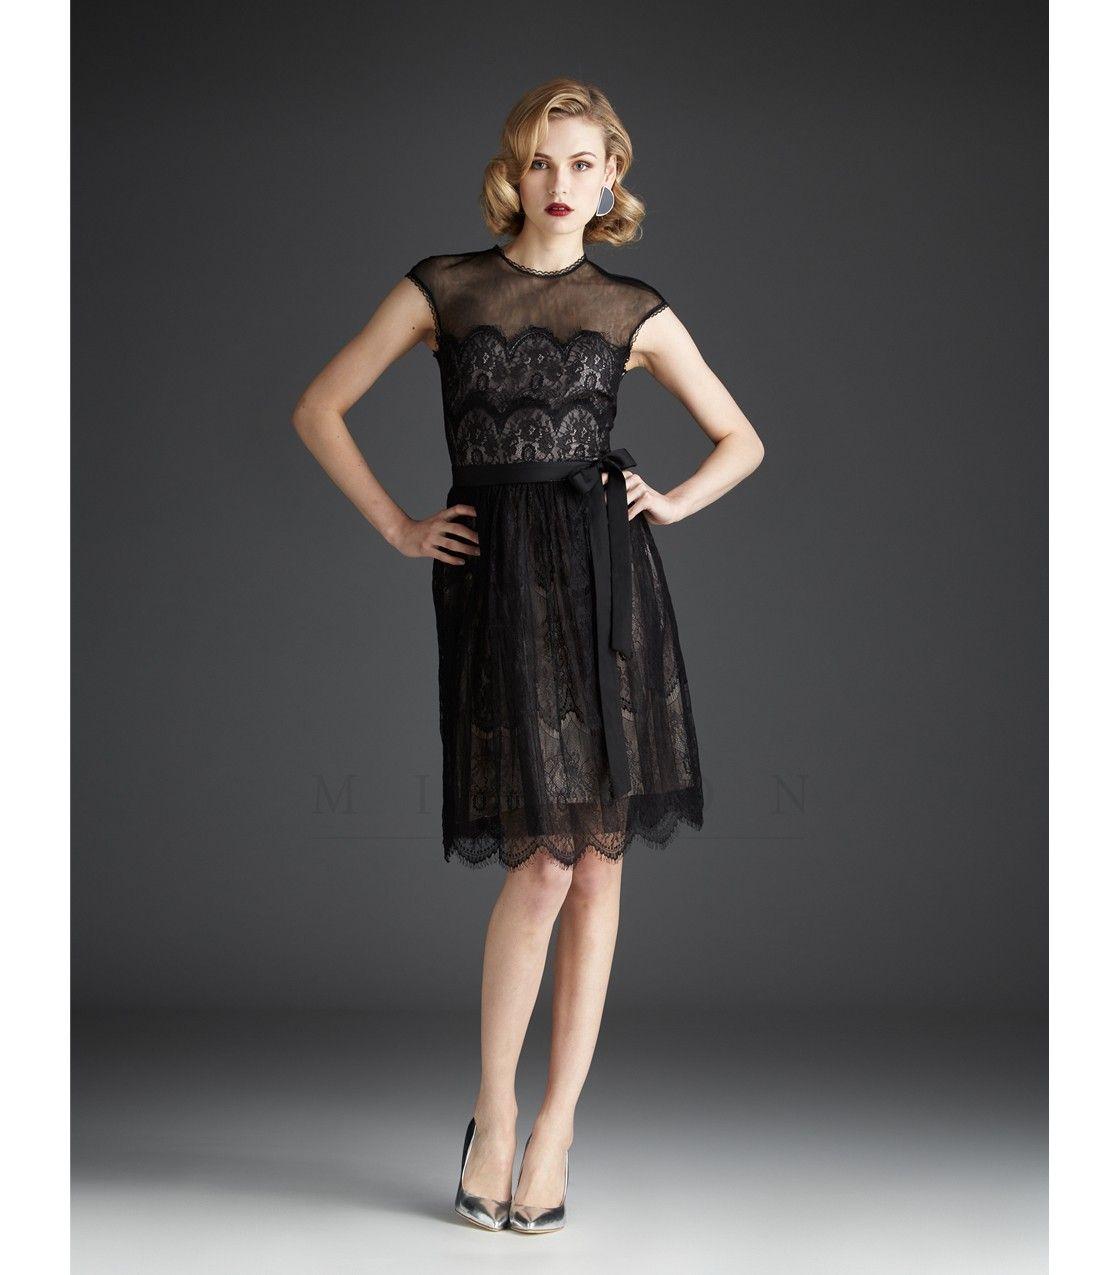 Mignon fall dresses black lace knee length dress dresses